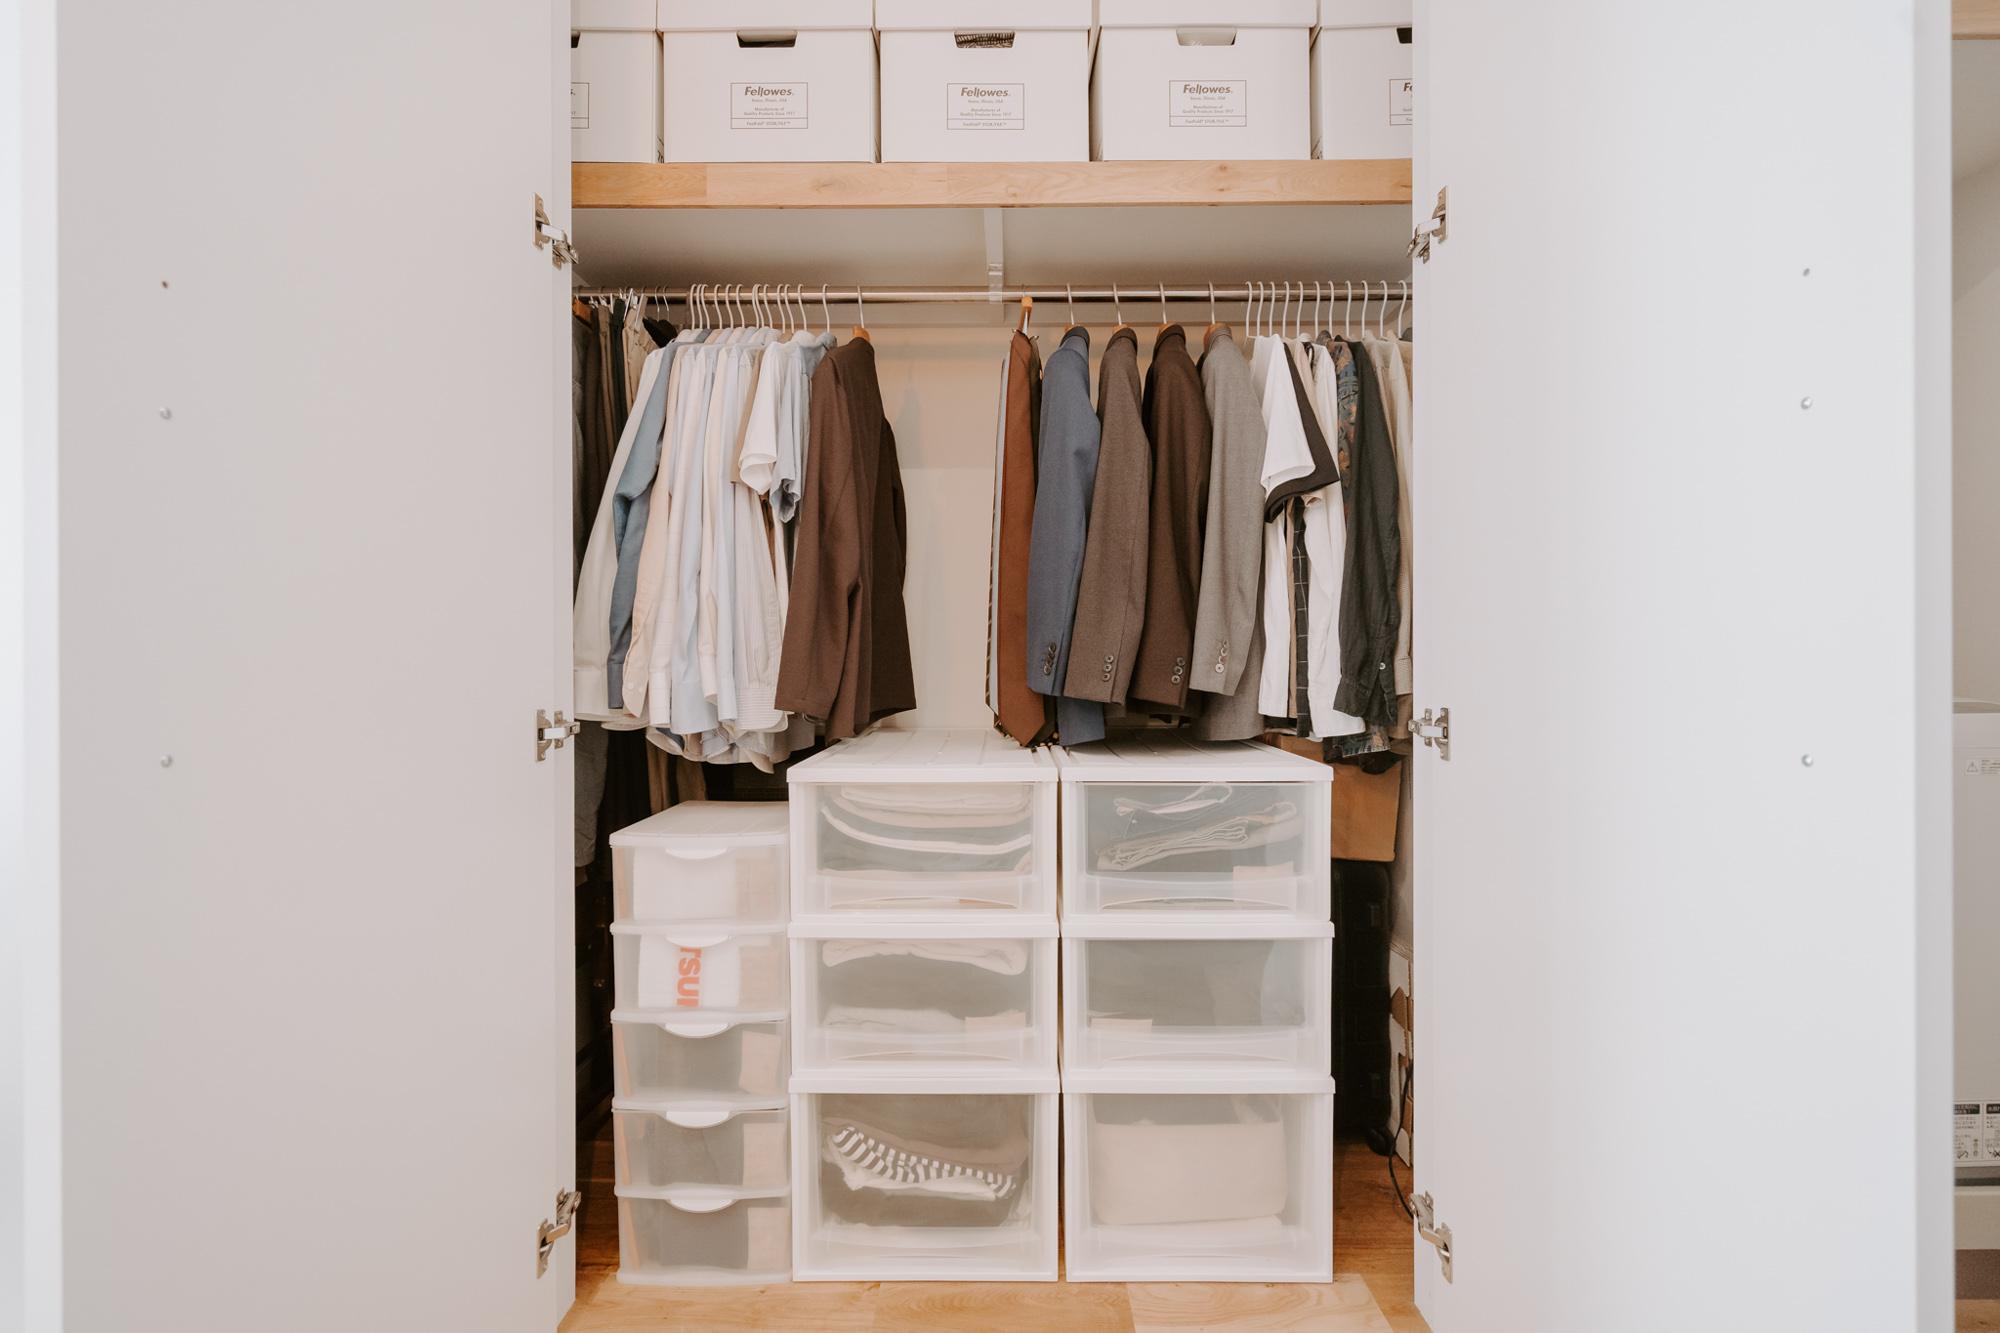 クローゼットの中も、収納ボックスのサイズや色を揃えてすっきり整頓。